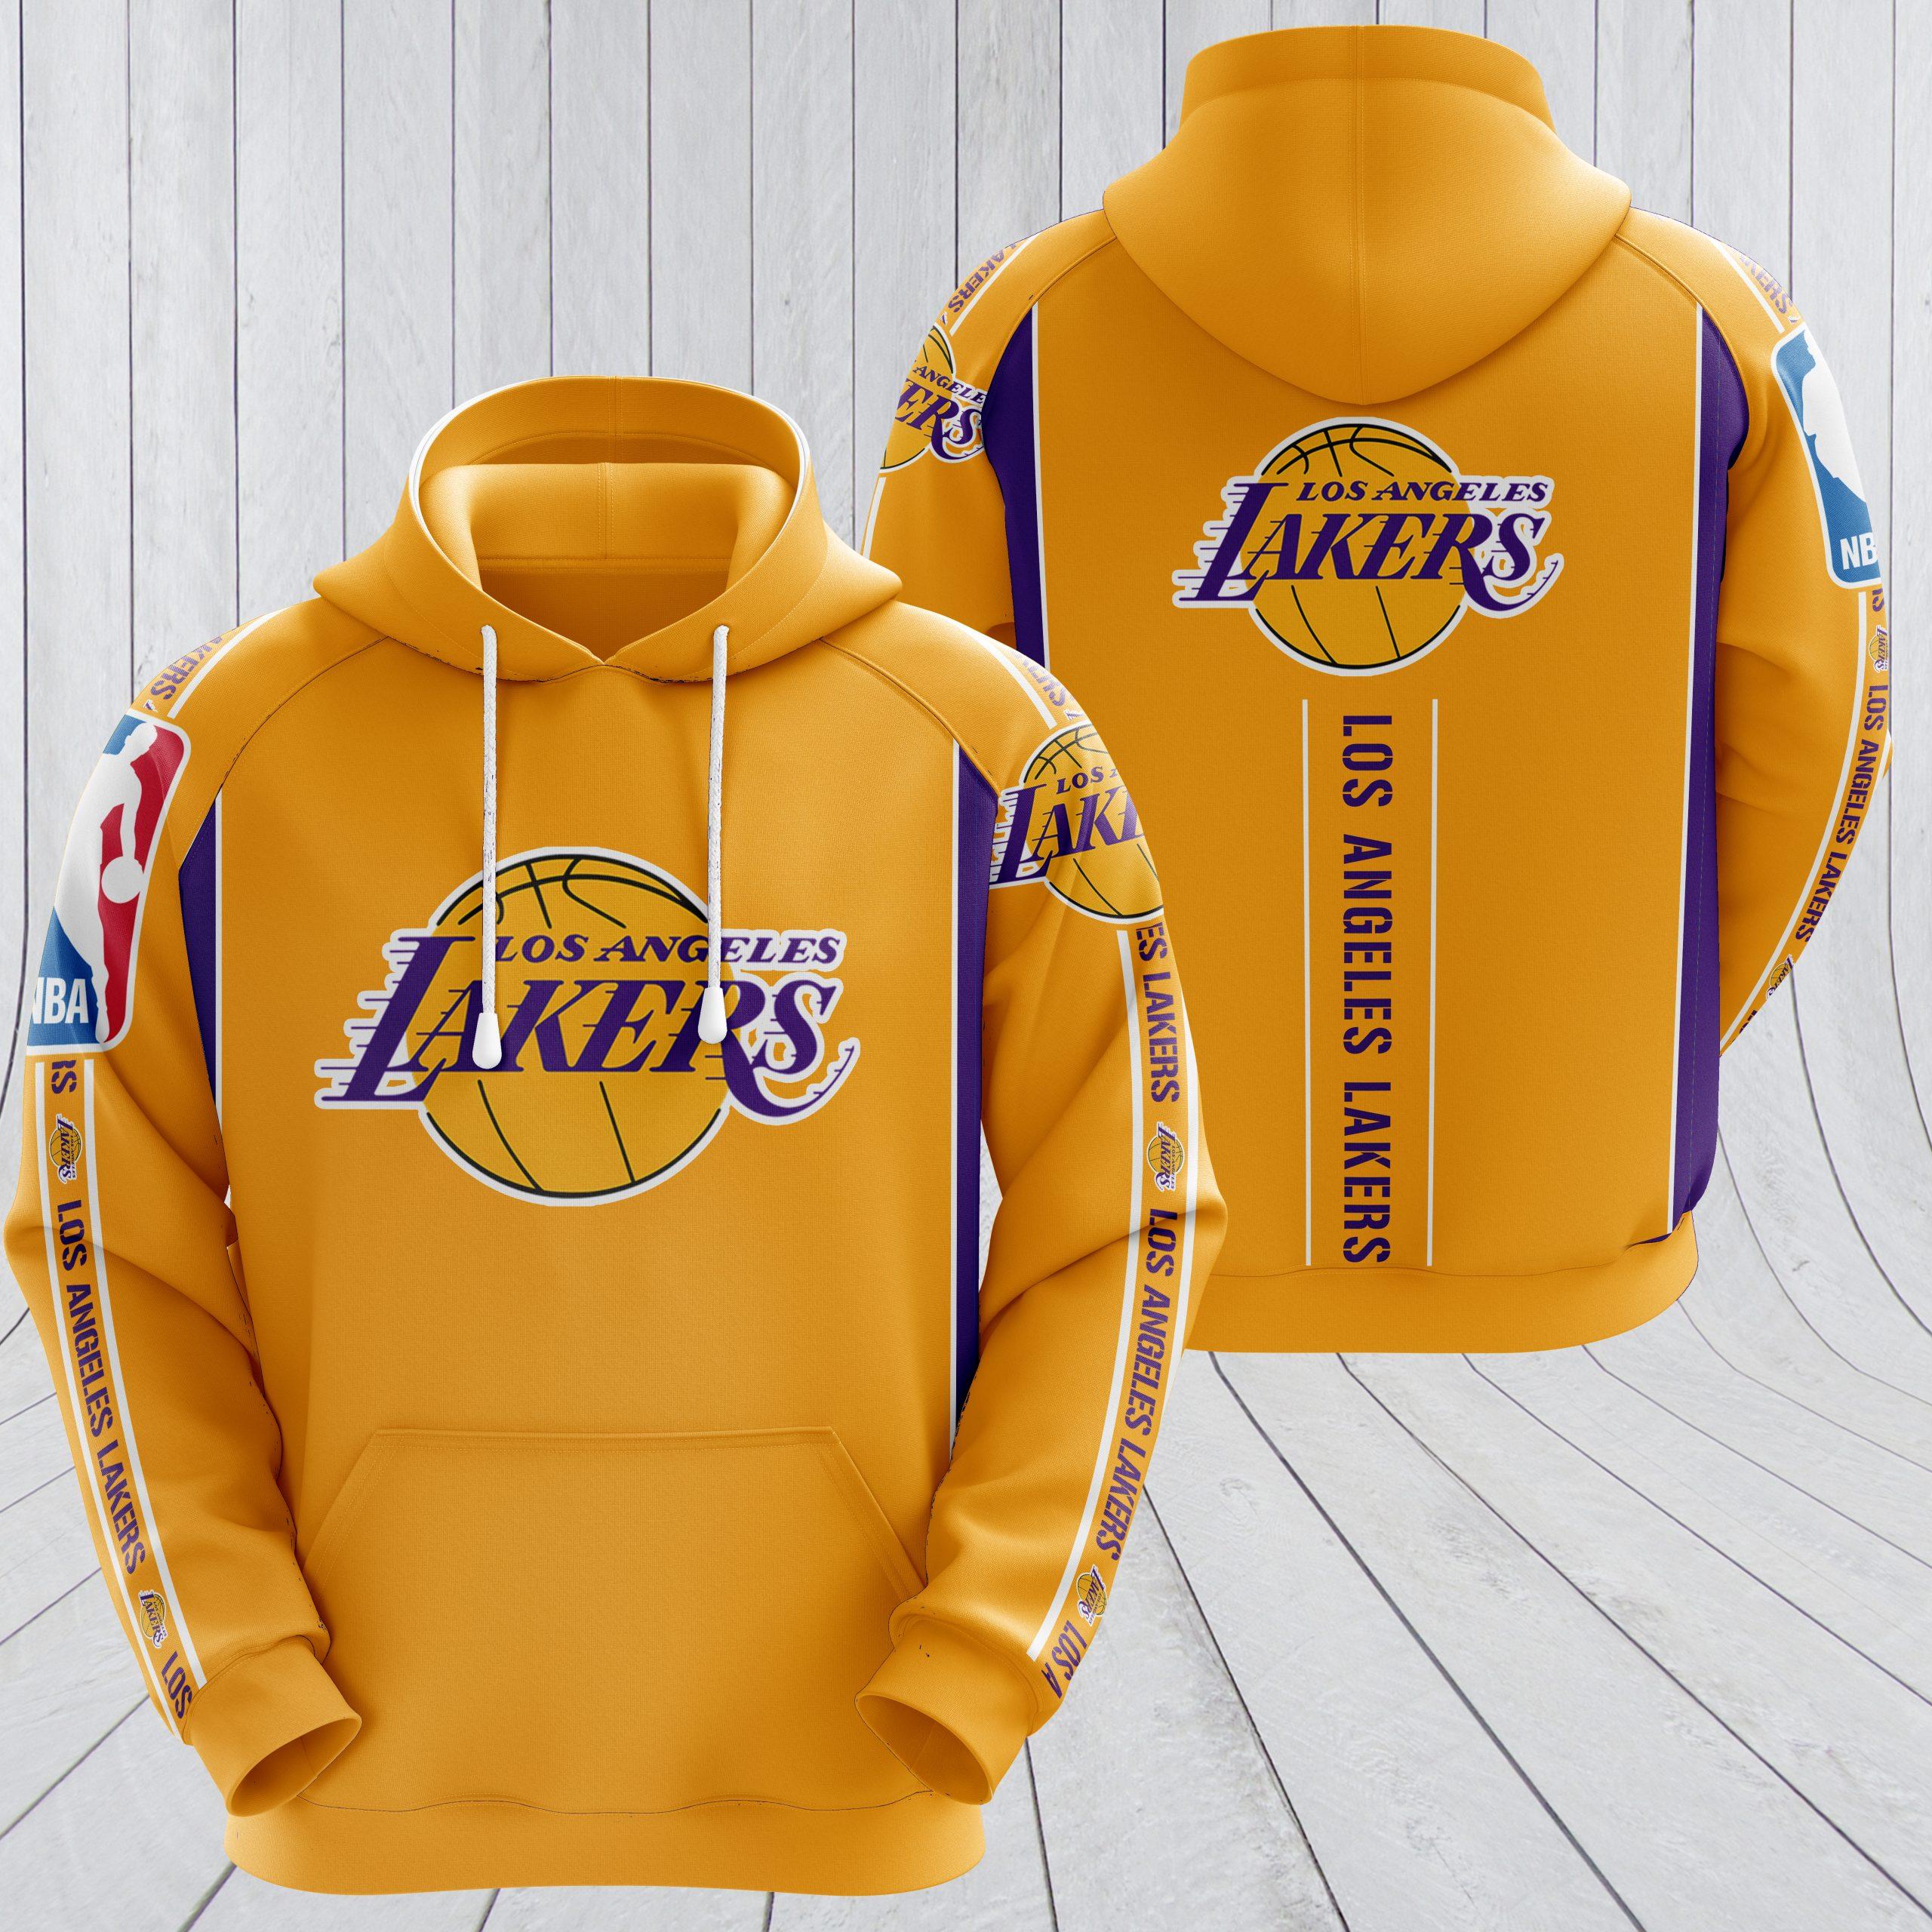 NBA los angeles lakers full printing hoodie - yellow